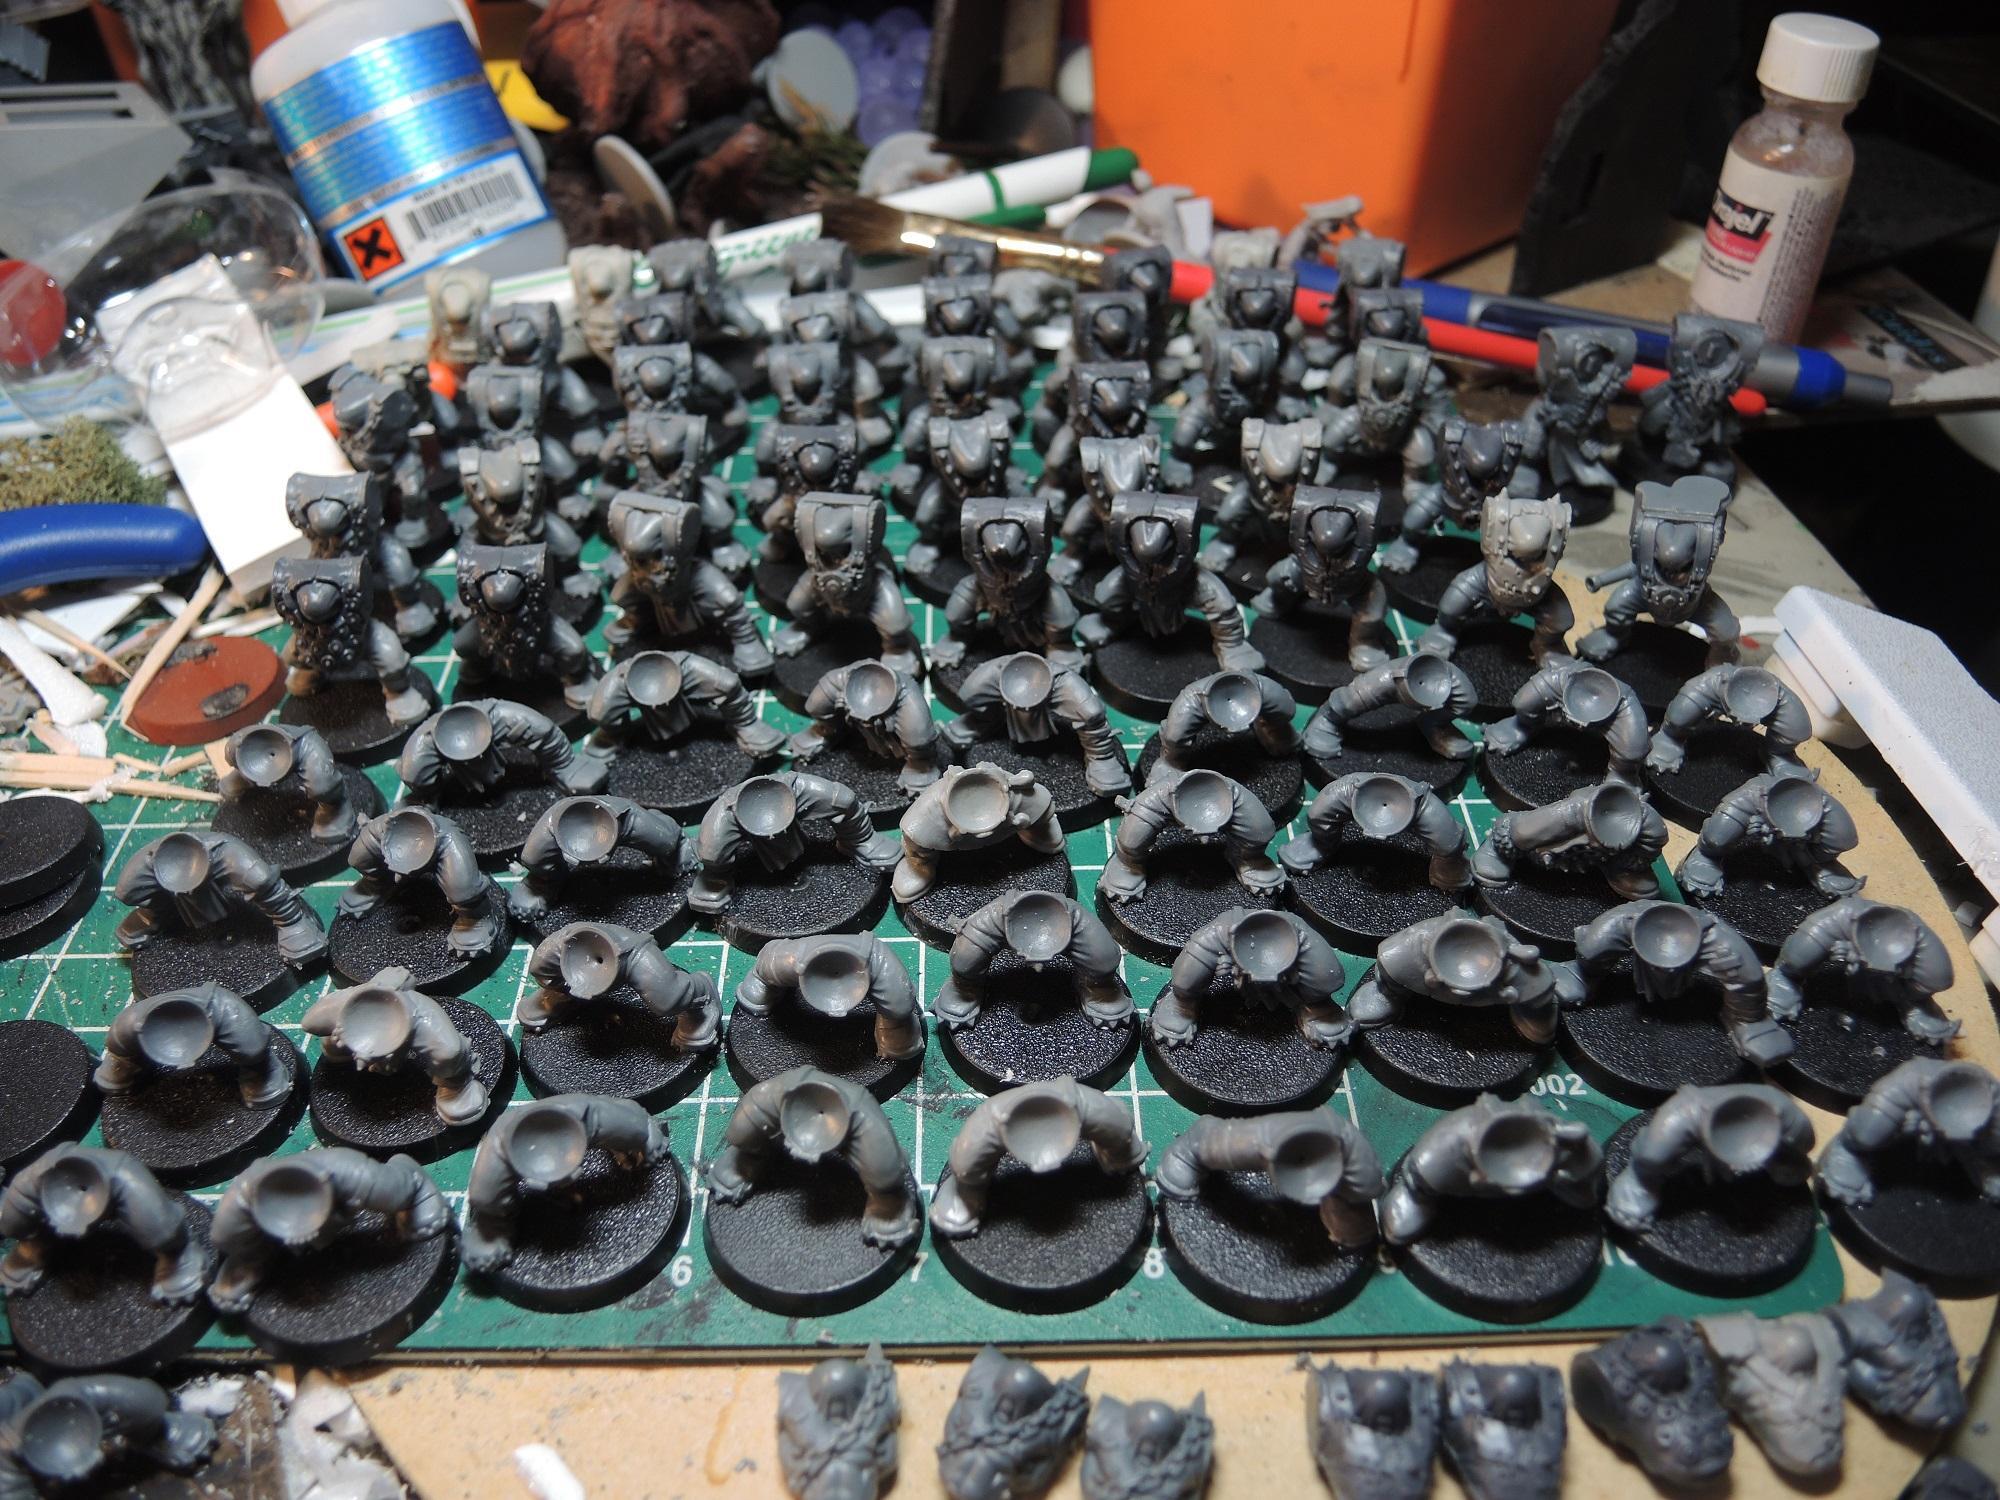 Badmoons, Boy, Boys, Deathskulls, Hordes, Mobs, Orks, Waaazag, Warhammer 40,000, Work In Progress